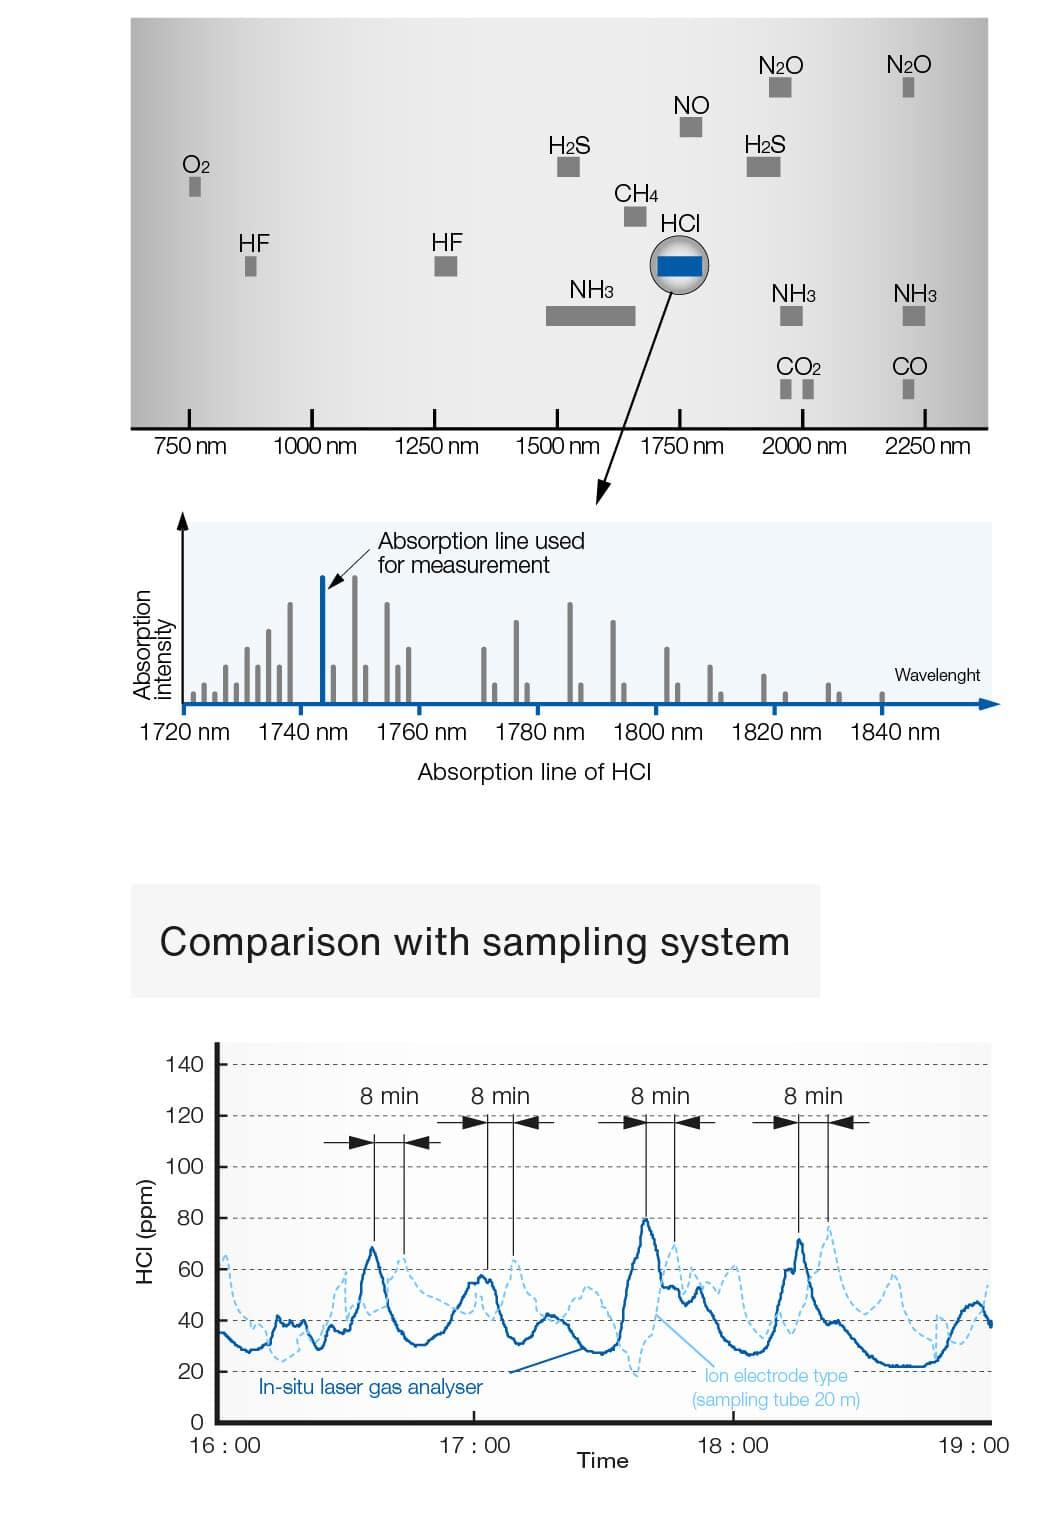 laser-gas-analyzer-absorption-spectrum